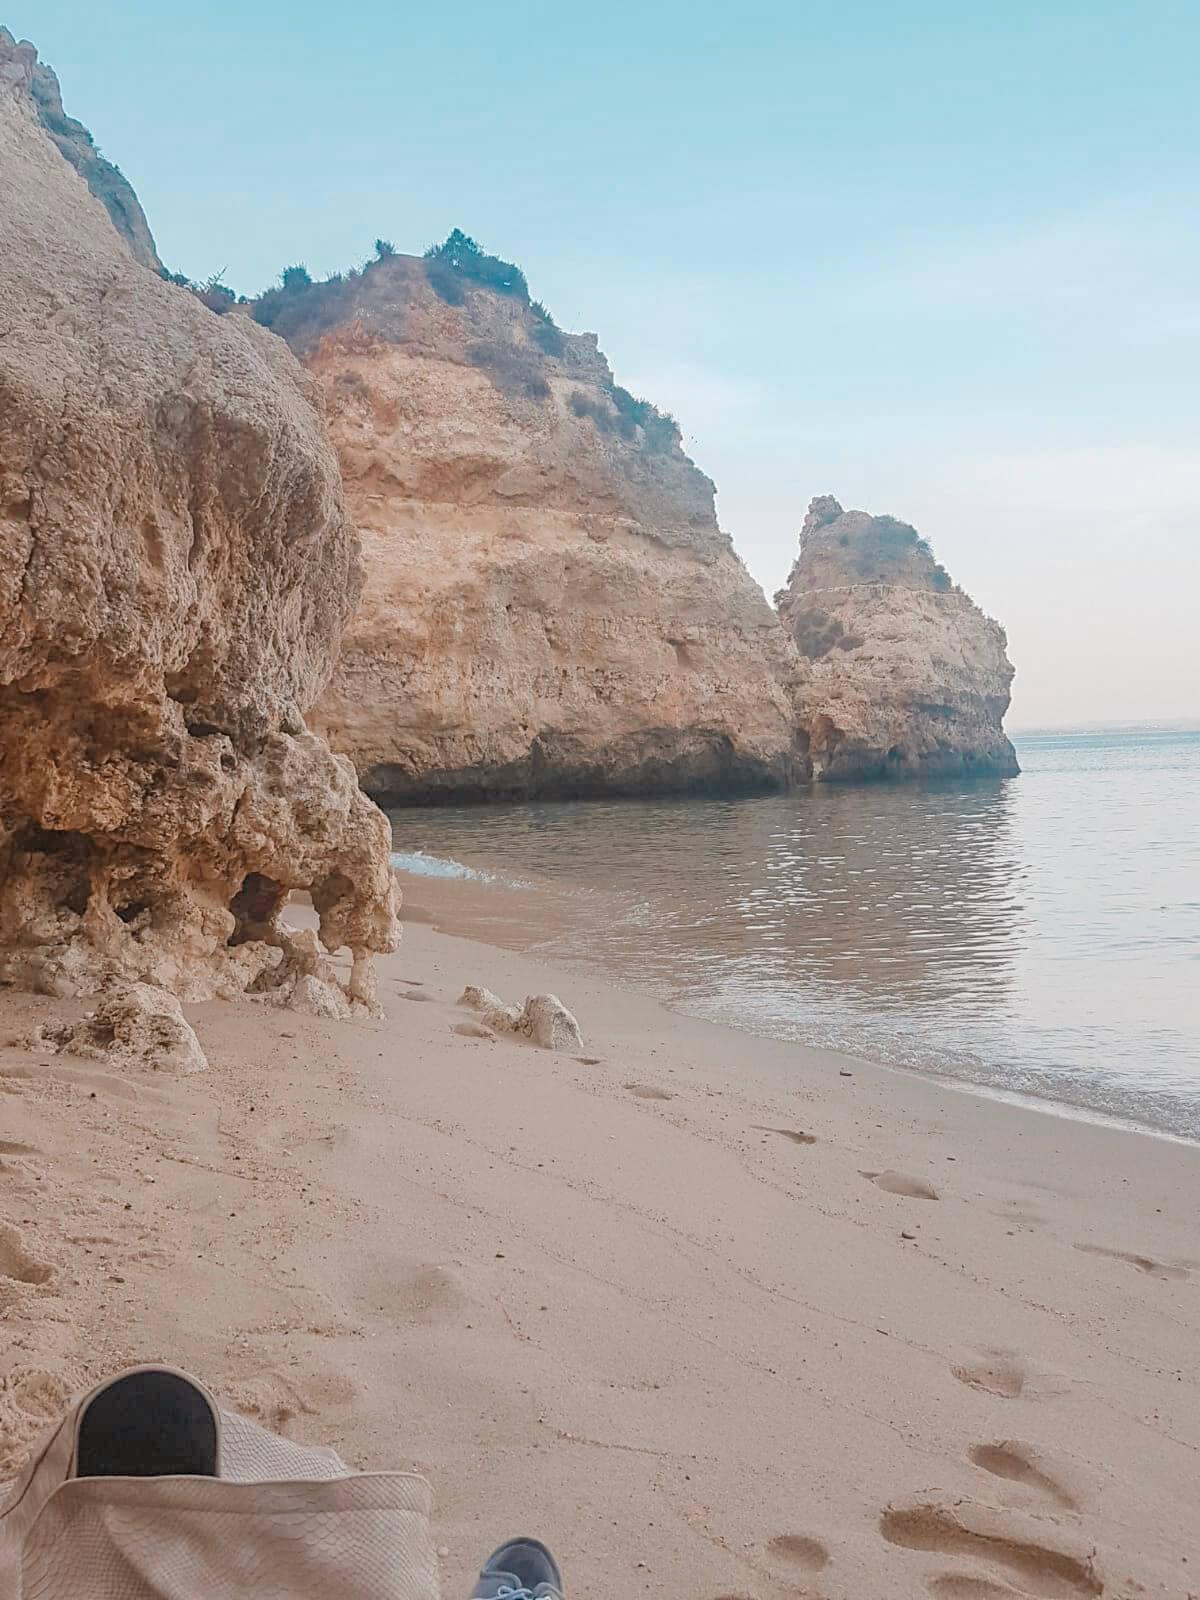 Praia da Marinha Die 5 schönsten Strände der Algarve